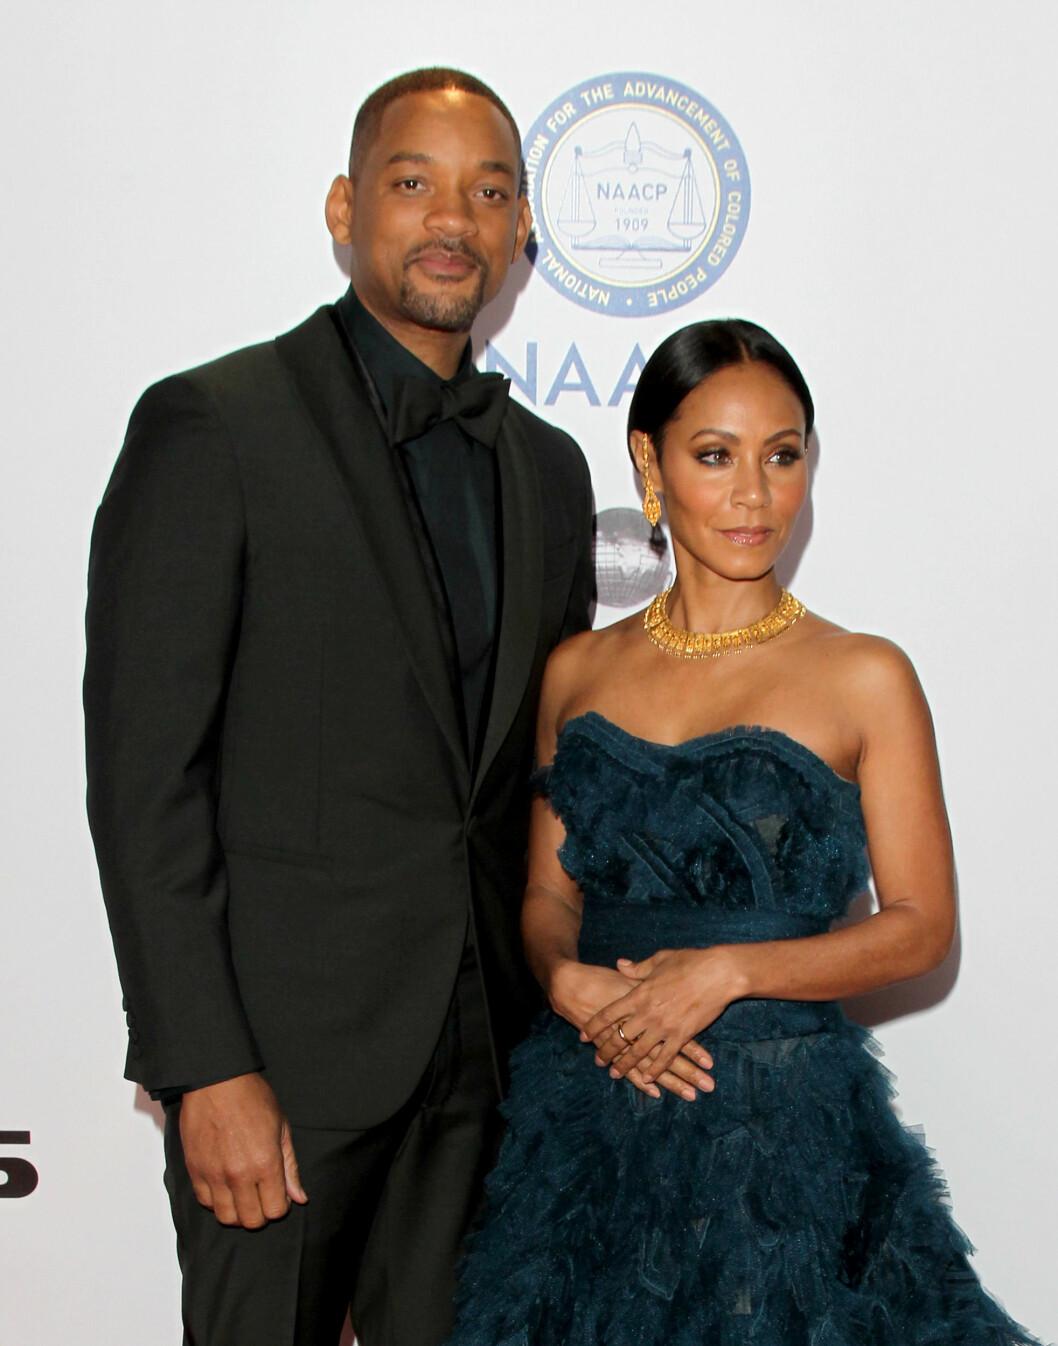 BOIKOTTER: Will Smith og Jada Pinkett Smith dukket ikke opp på den røde løperen i forkant av den 88. Oscar-utdelingen. Her er paret på NAACP Image Awards i starten av februar. Foto: Pa Photos